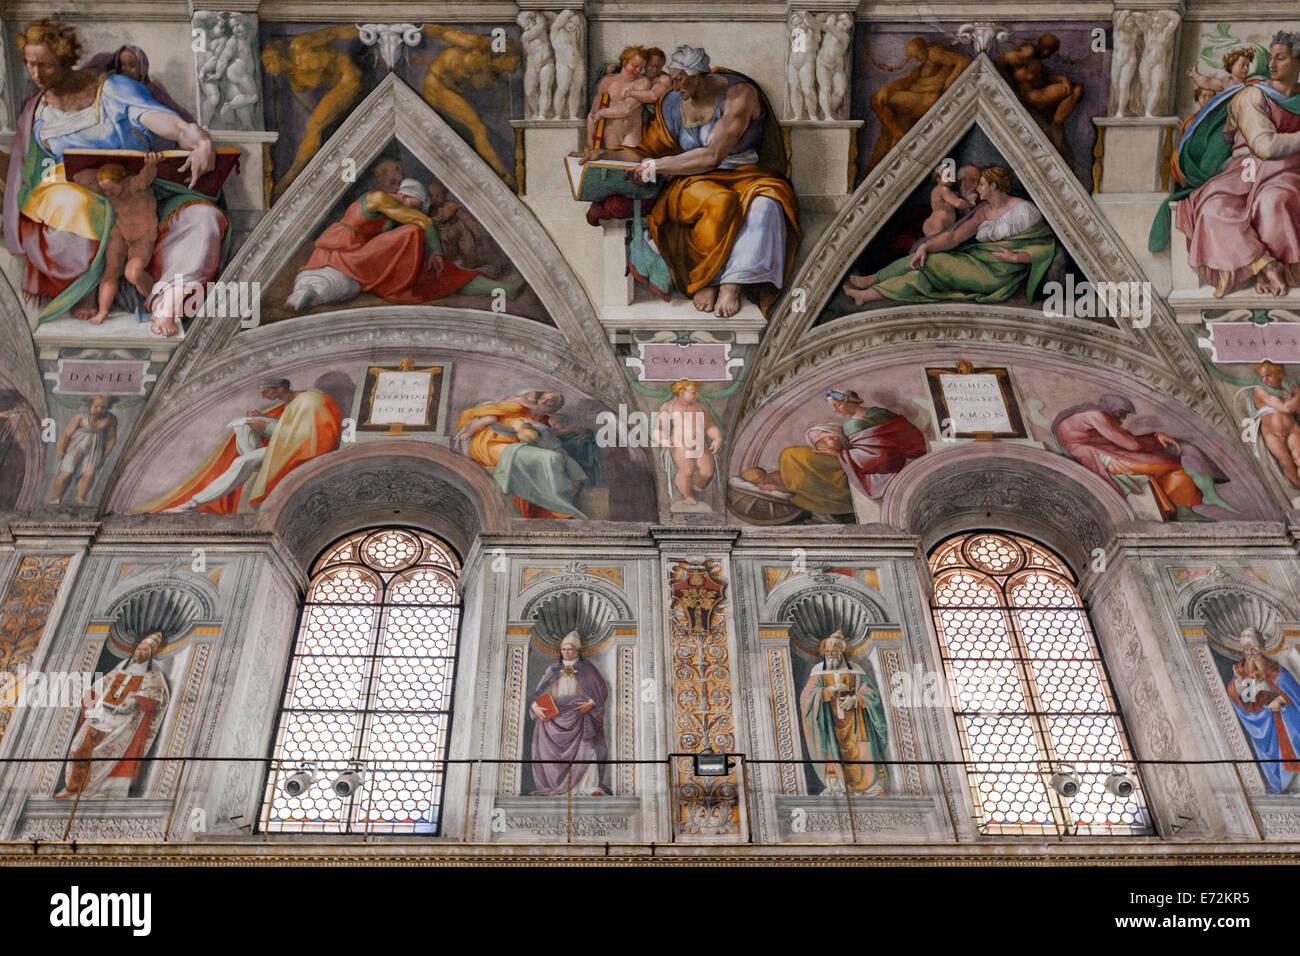 Le Plafond De La Chapelle Sixtine Peinte Par Michel Ange Et Le Mur